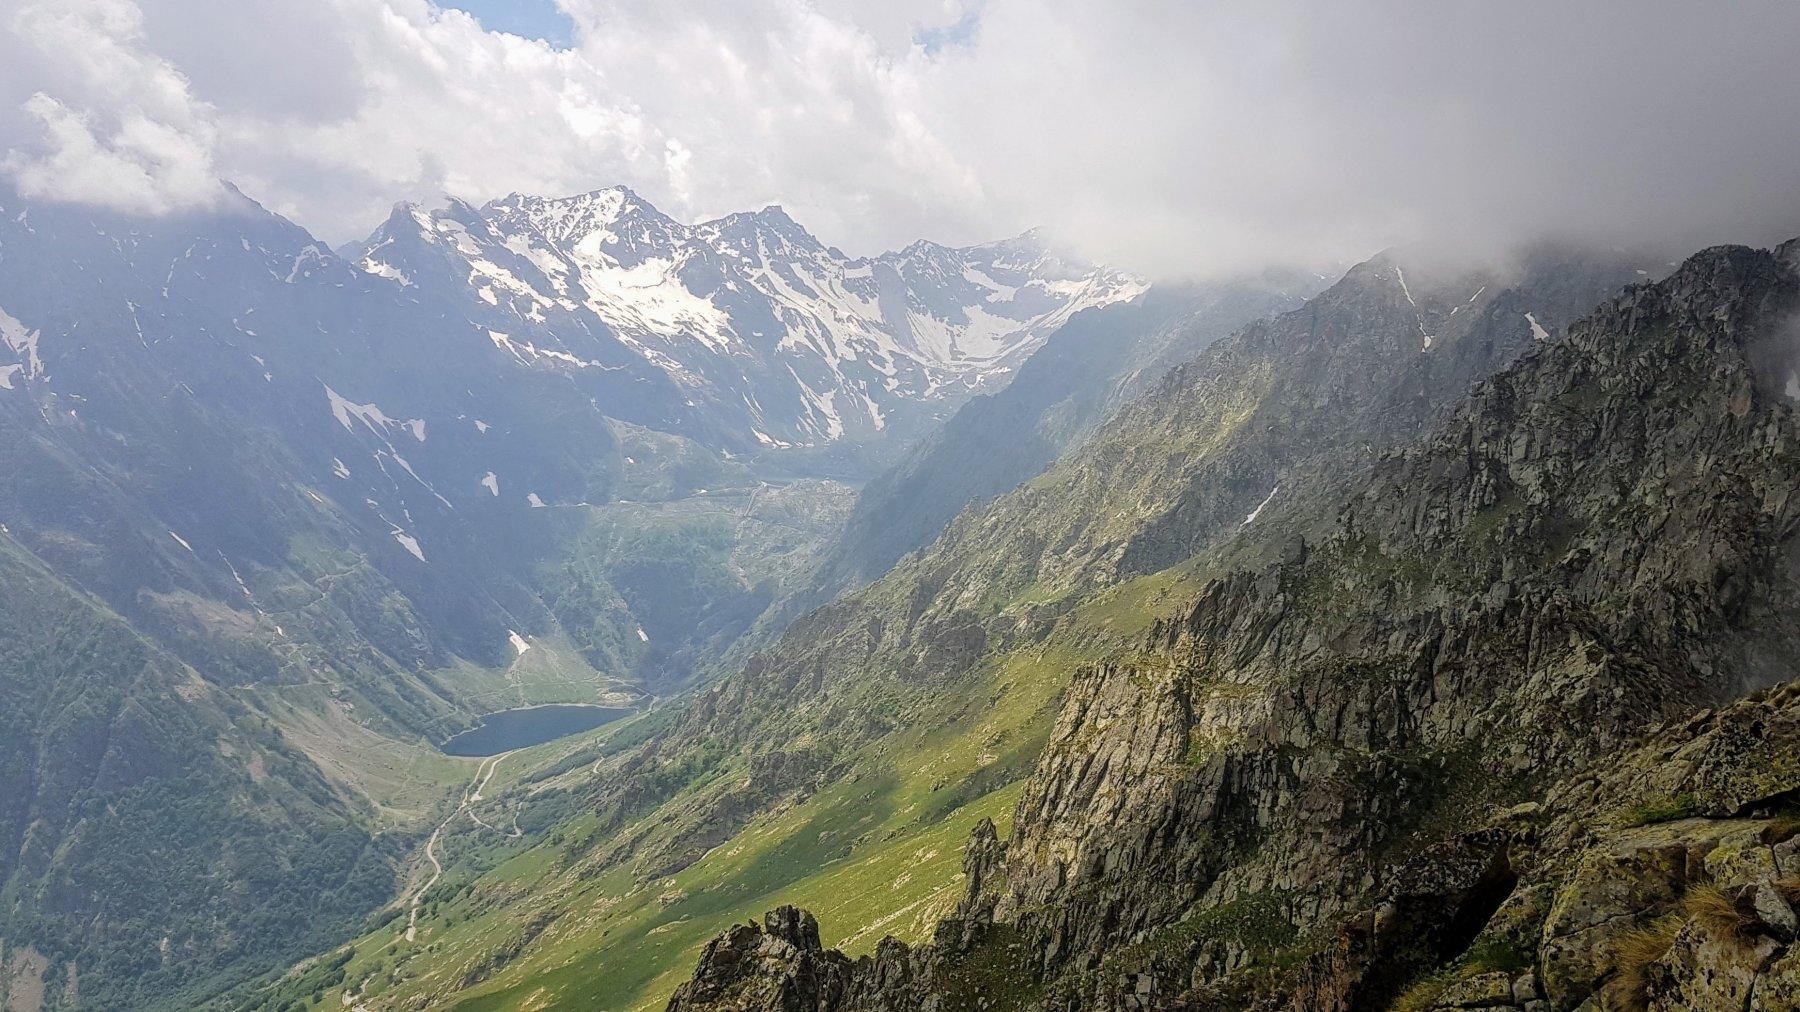 Il vallone della Rovina nel vallone opposto